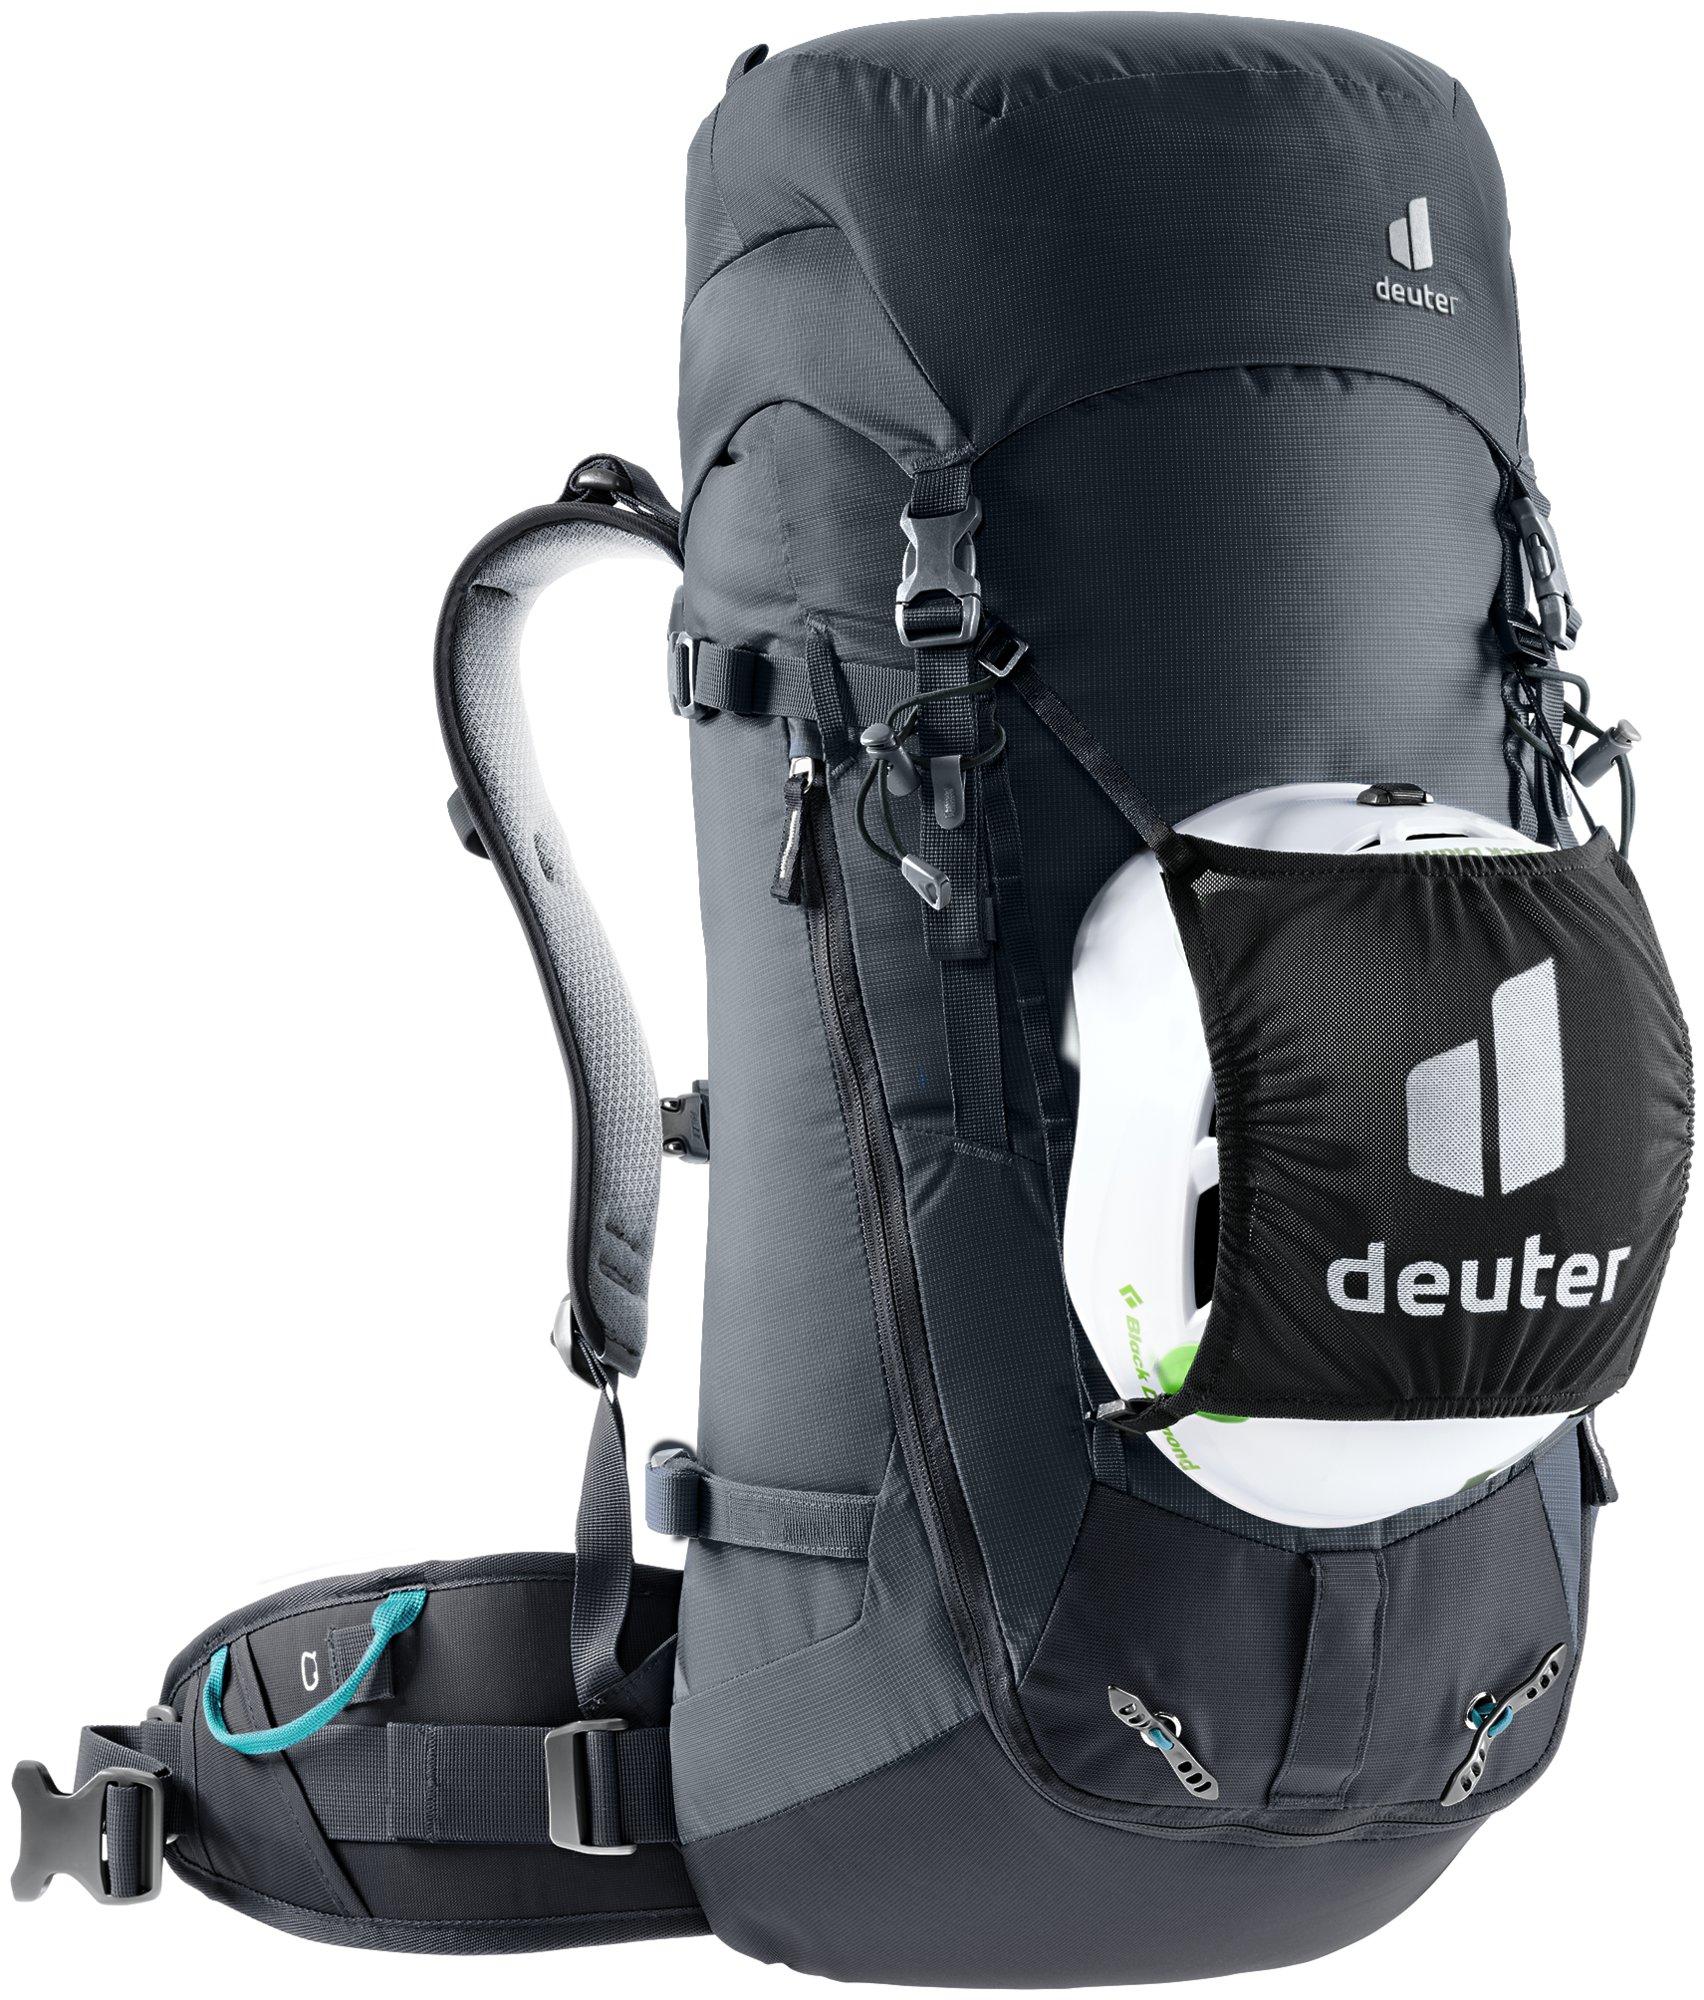 Deuter - Guide 34+, Alpin-Rucksack